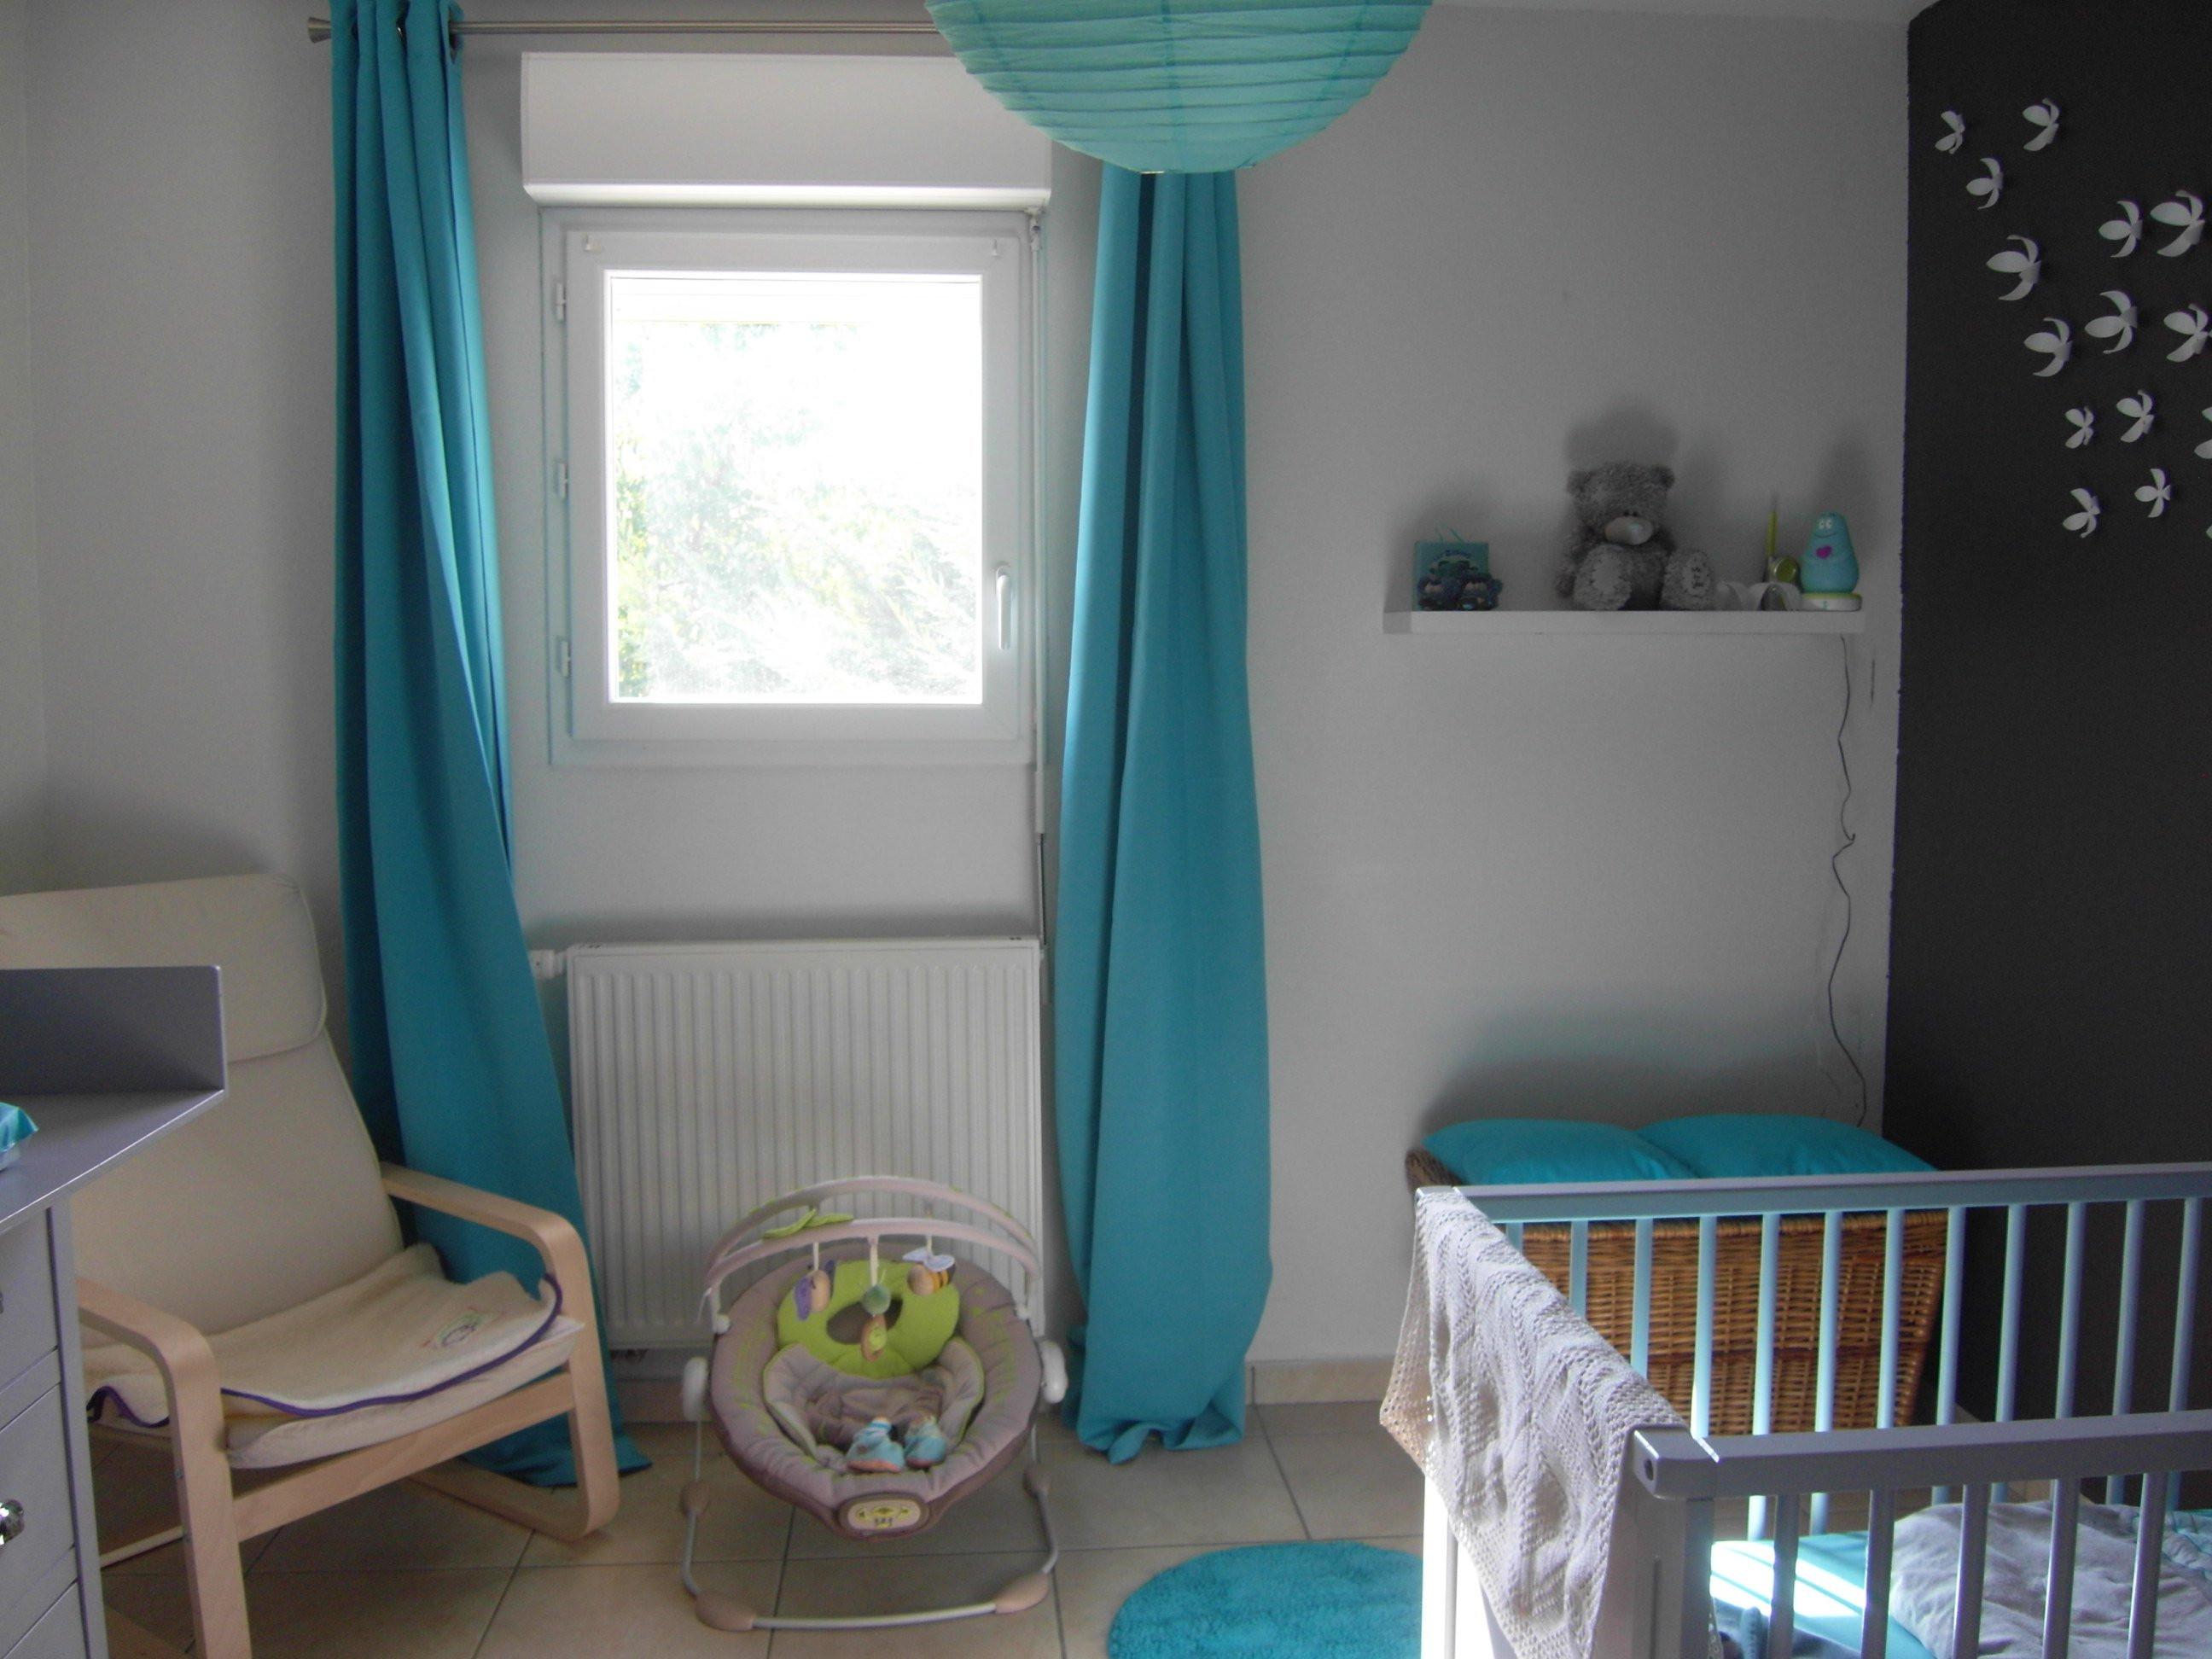 Deco chambre bebe turquoise gris - Idées de tricot gratuit